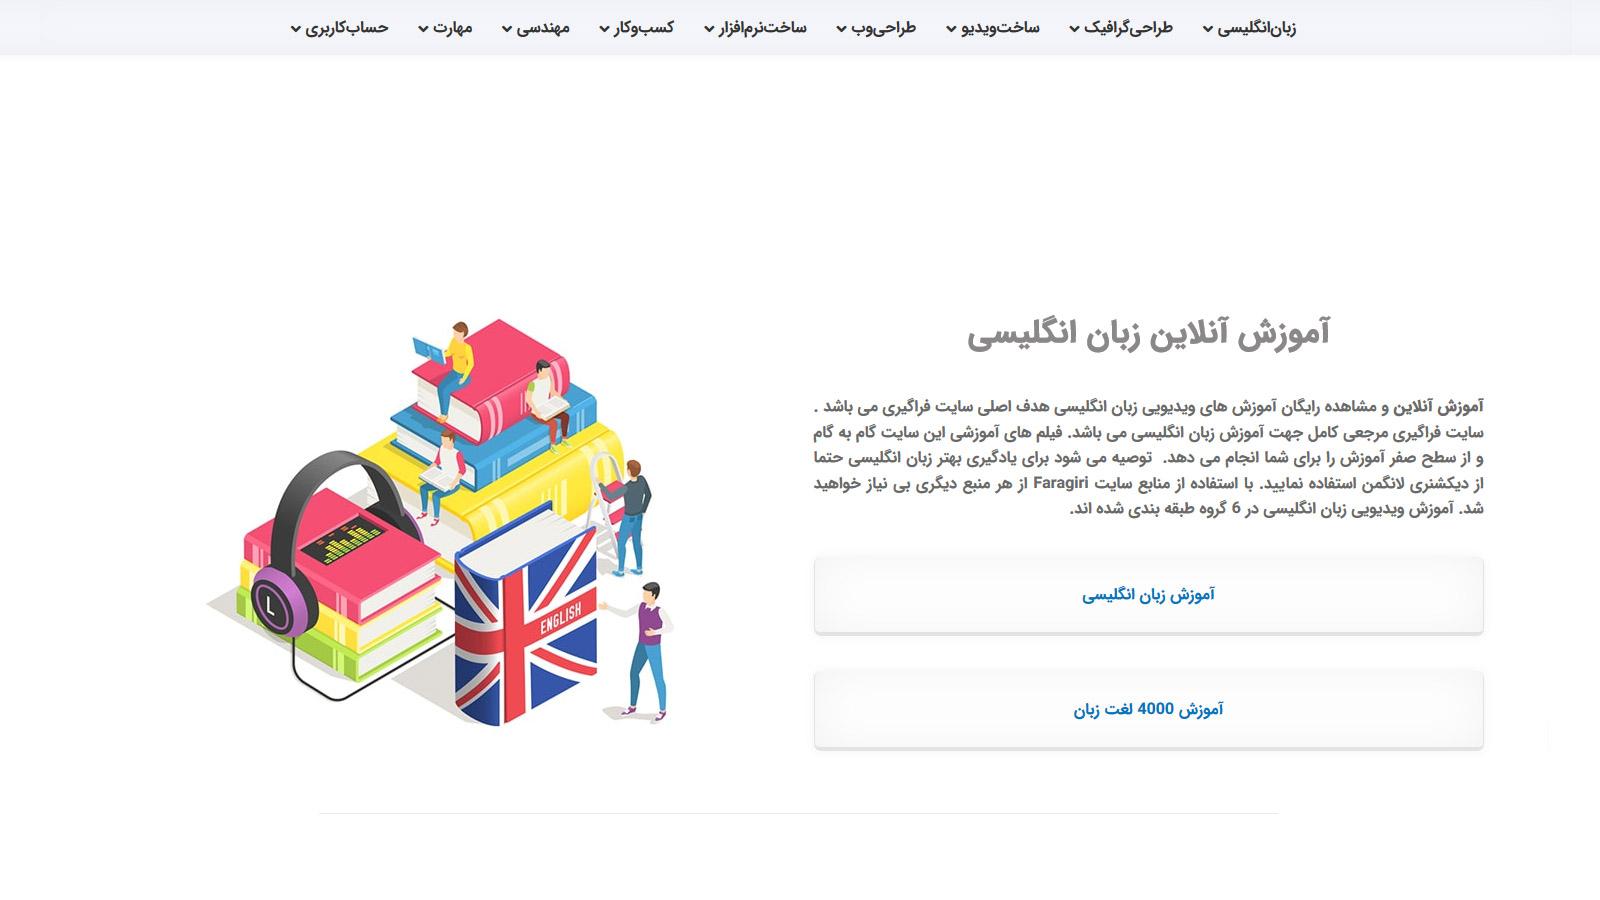 طراحی سایت فراگیری